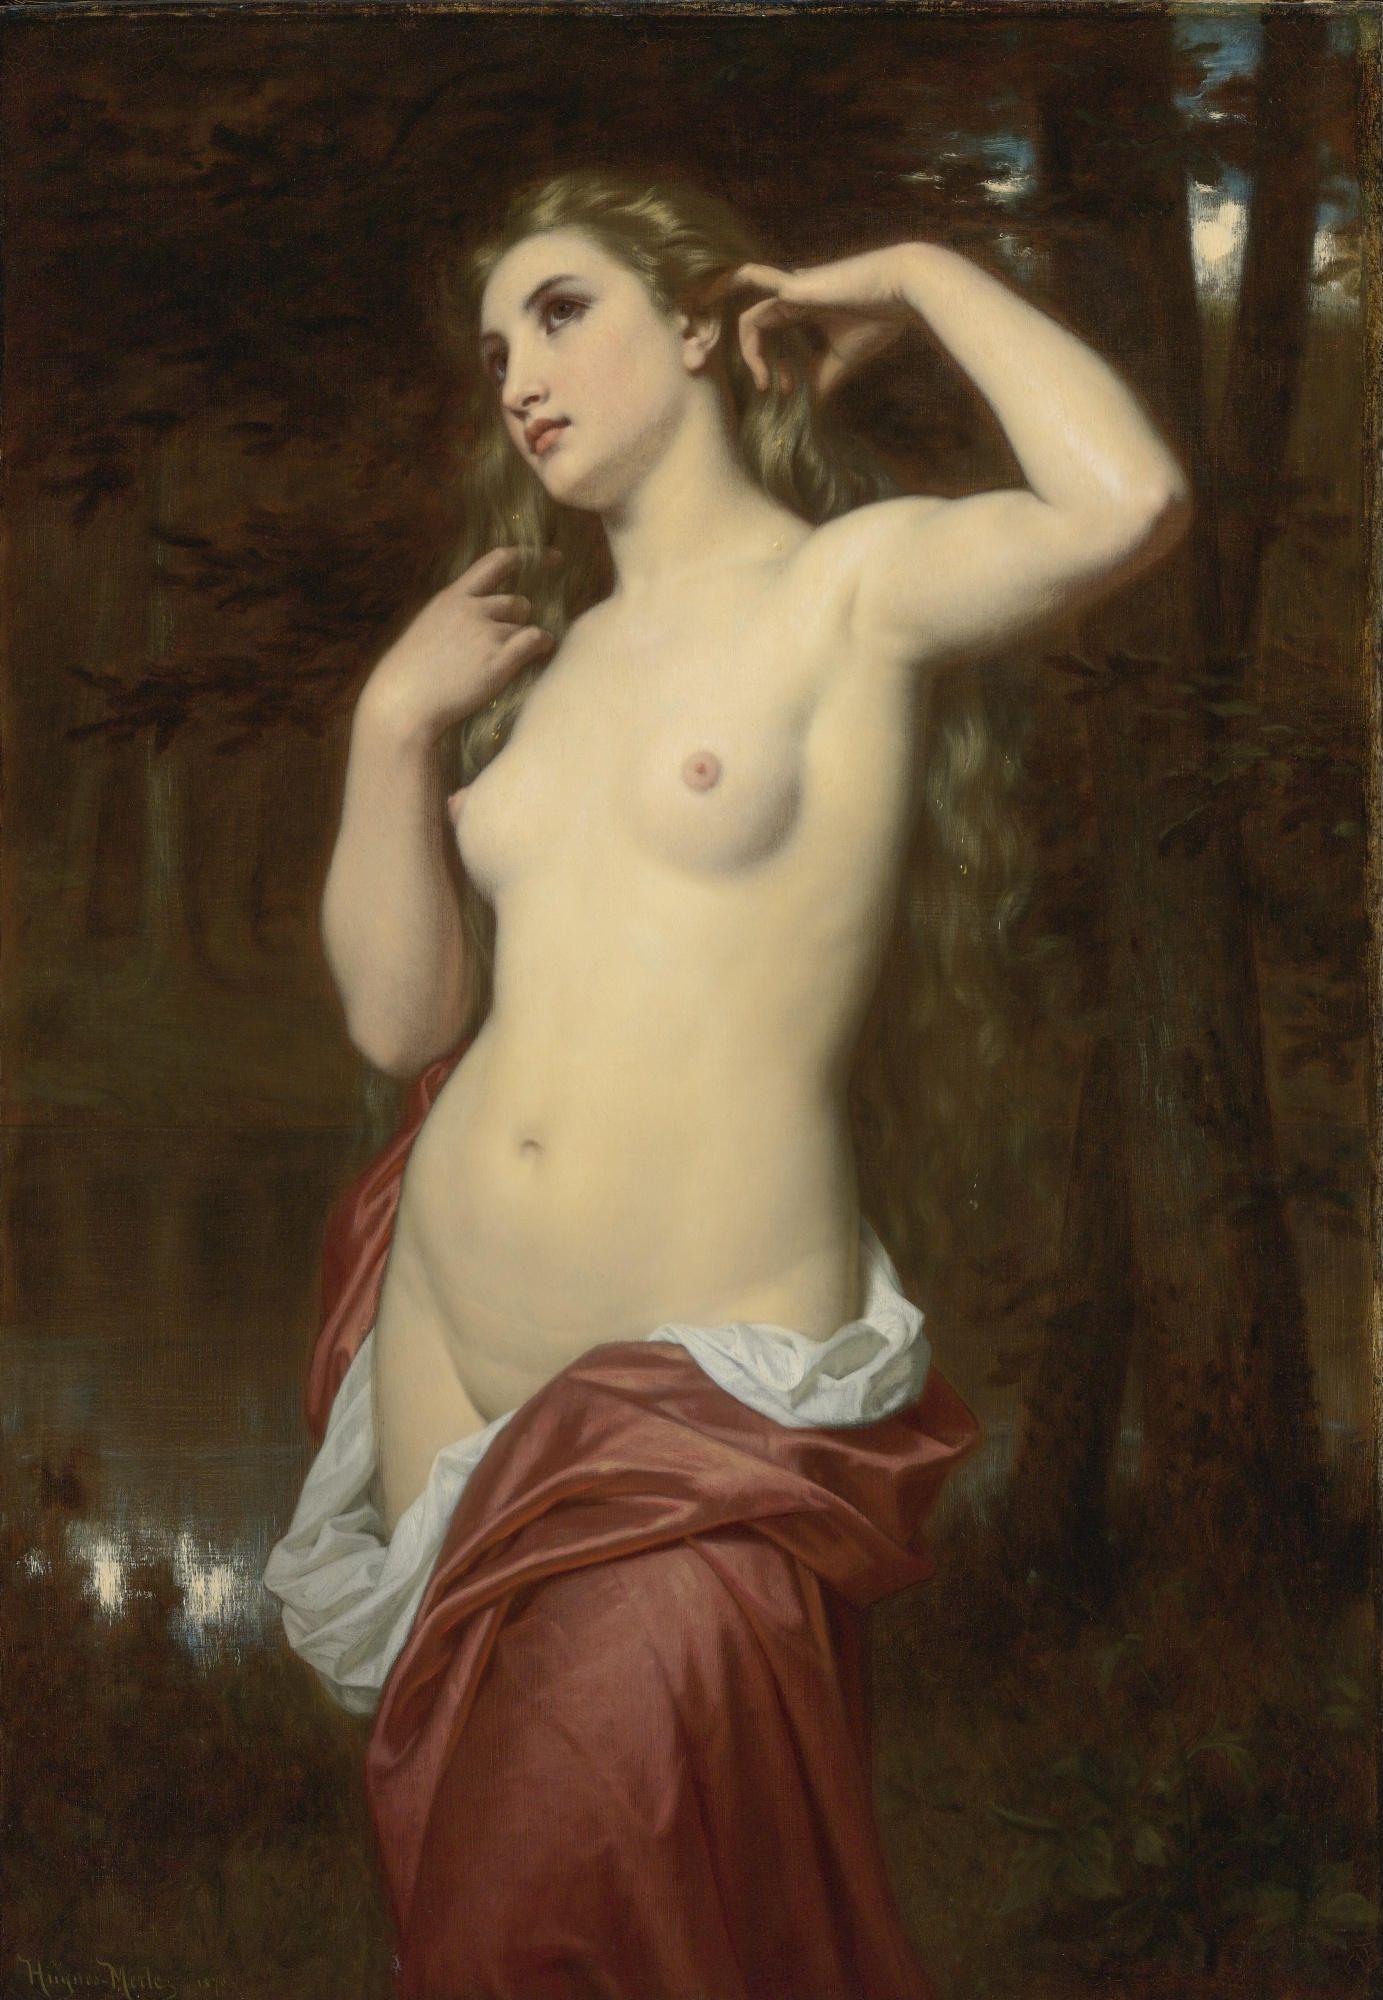 Hugues Merle, 1823-1881. Купальщица. 116.8 х 81.2 см. Частная коллекция